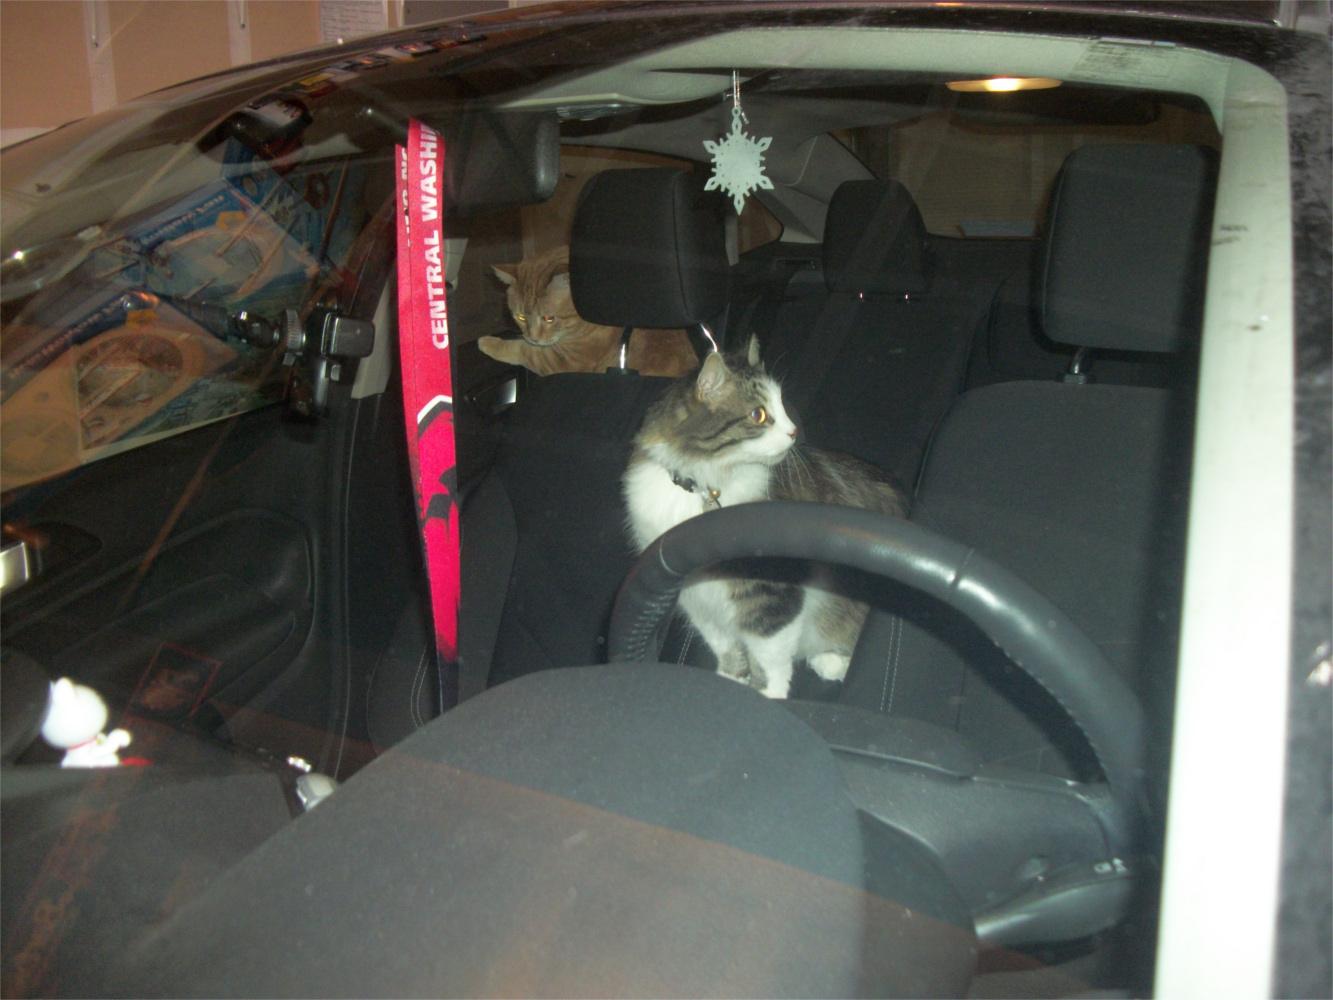 Cats Scooby Zeke in car